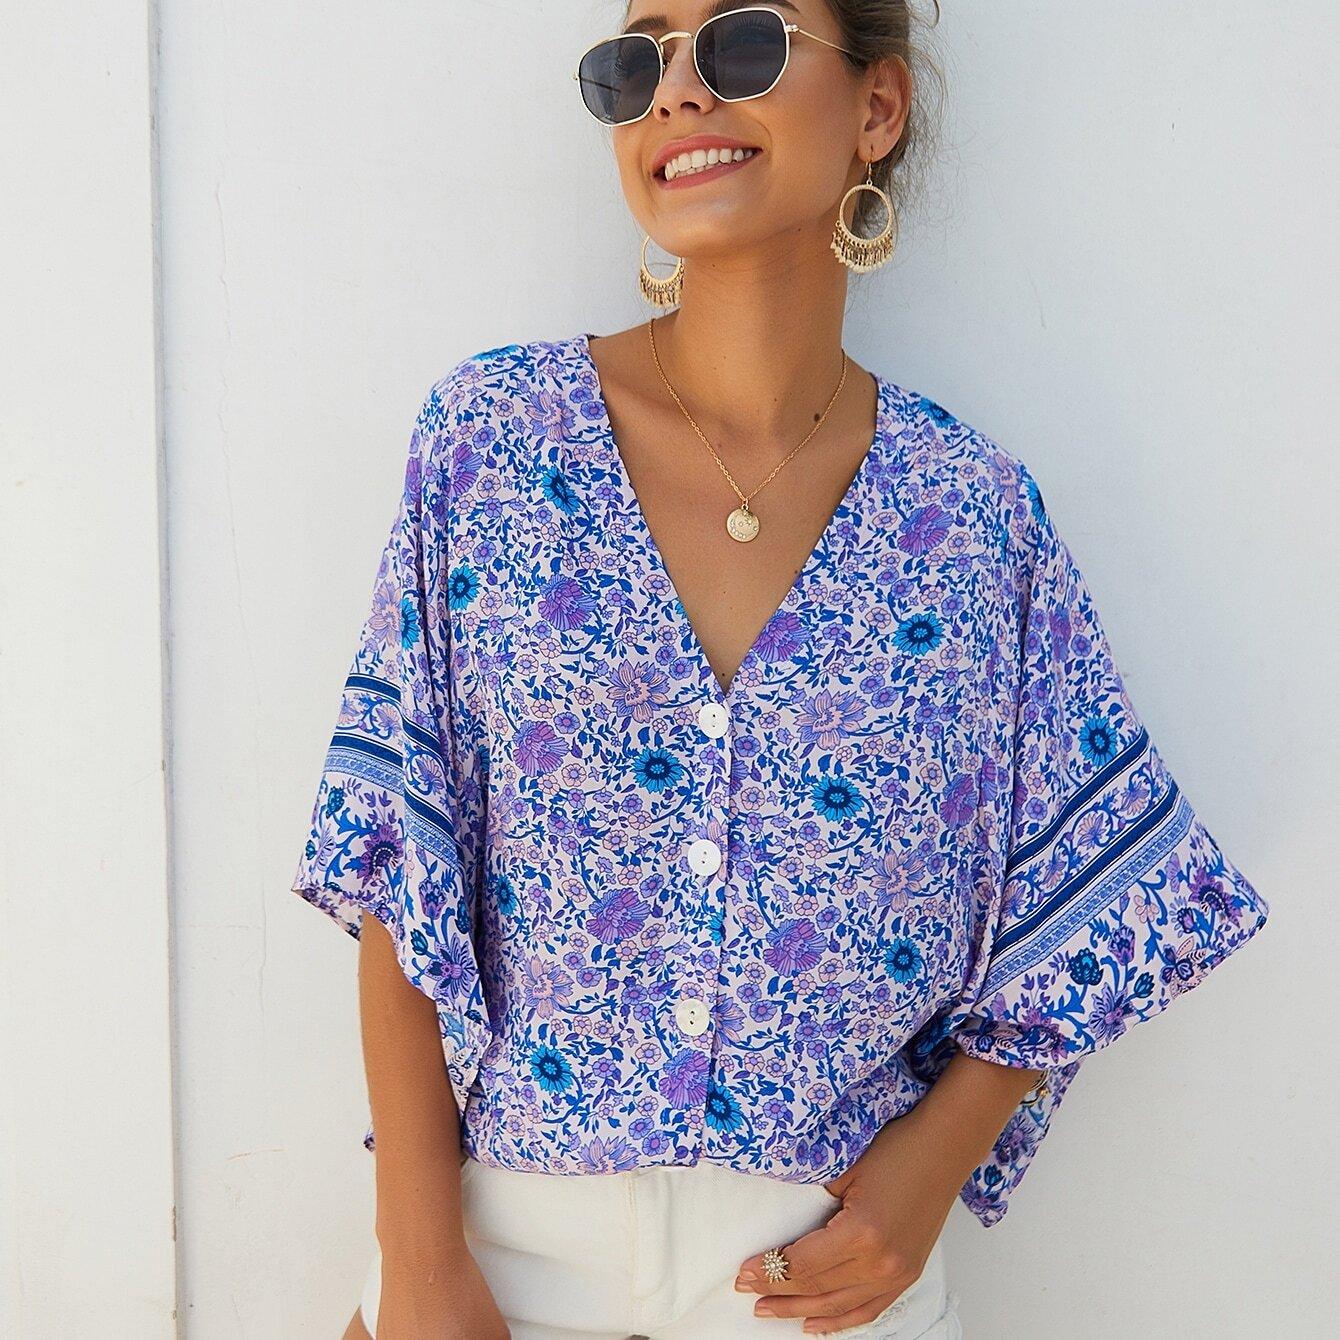 SHEIN / Bluse mit Gänseblümchen Muster, Knöpfen vorn und Fledermausärmeln